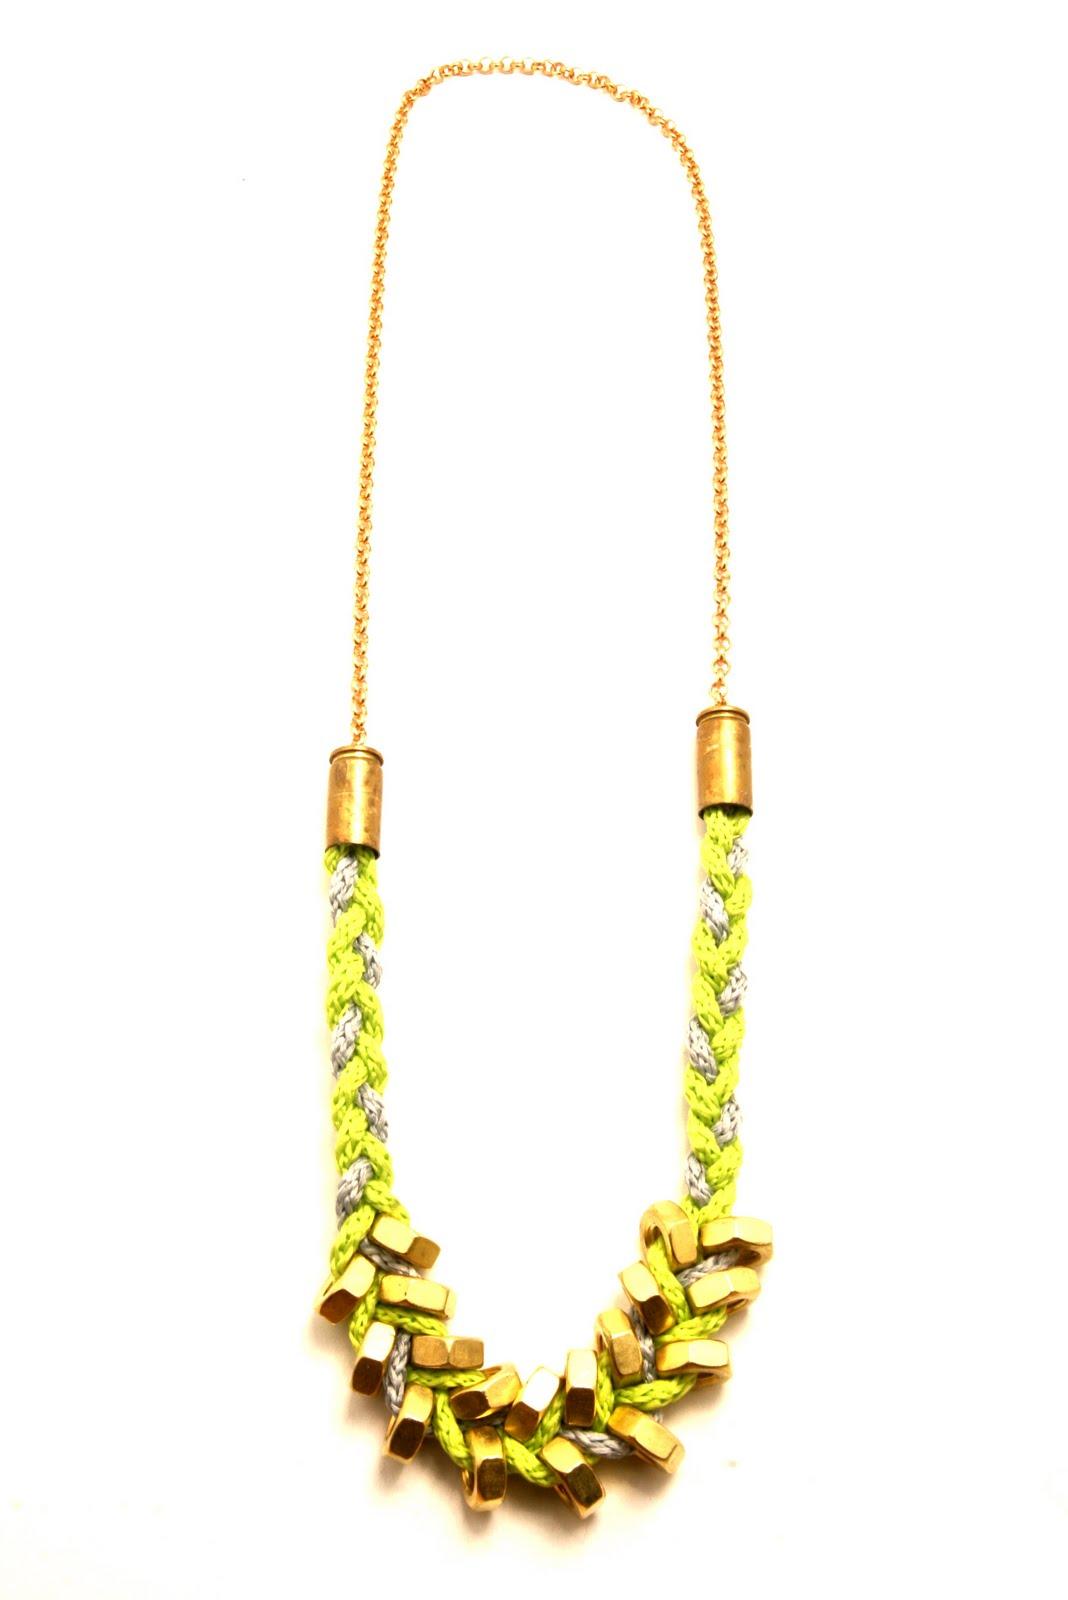 Bbs erika lauren designs giveaway for Vancouver island jewelry designers